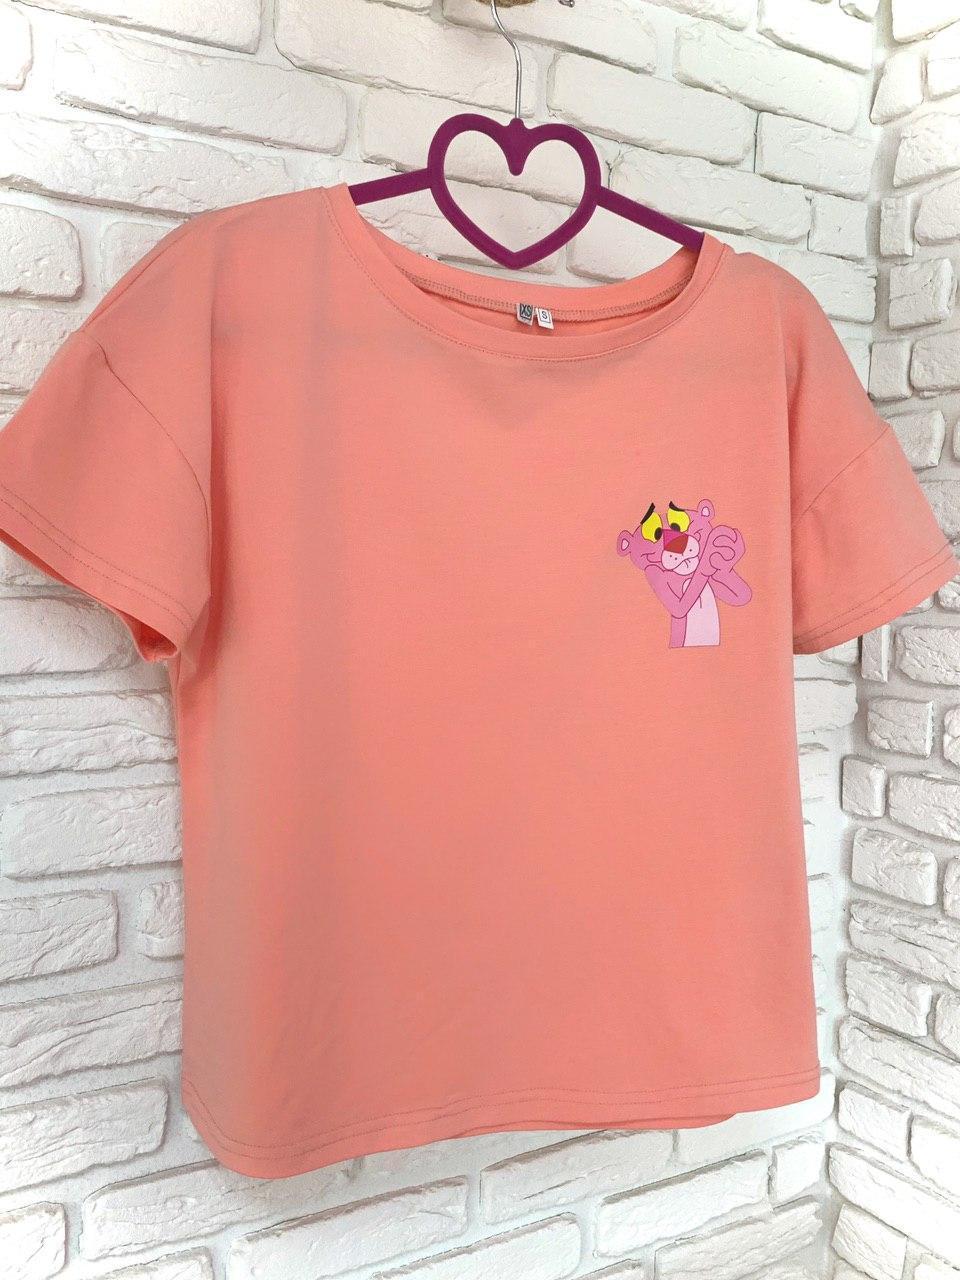 Женская Футболка хлопок с принтом Pink panther розовая пантера розовая